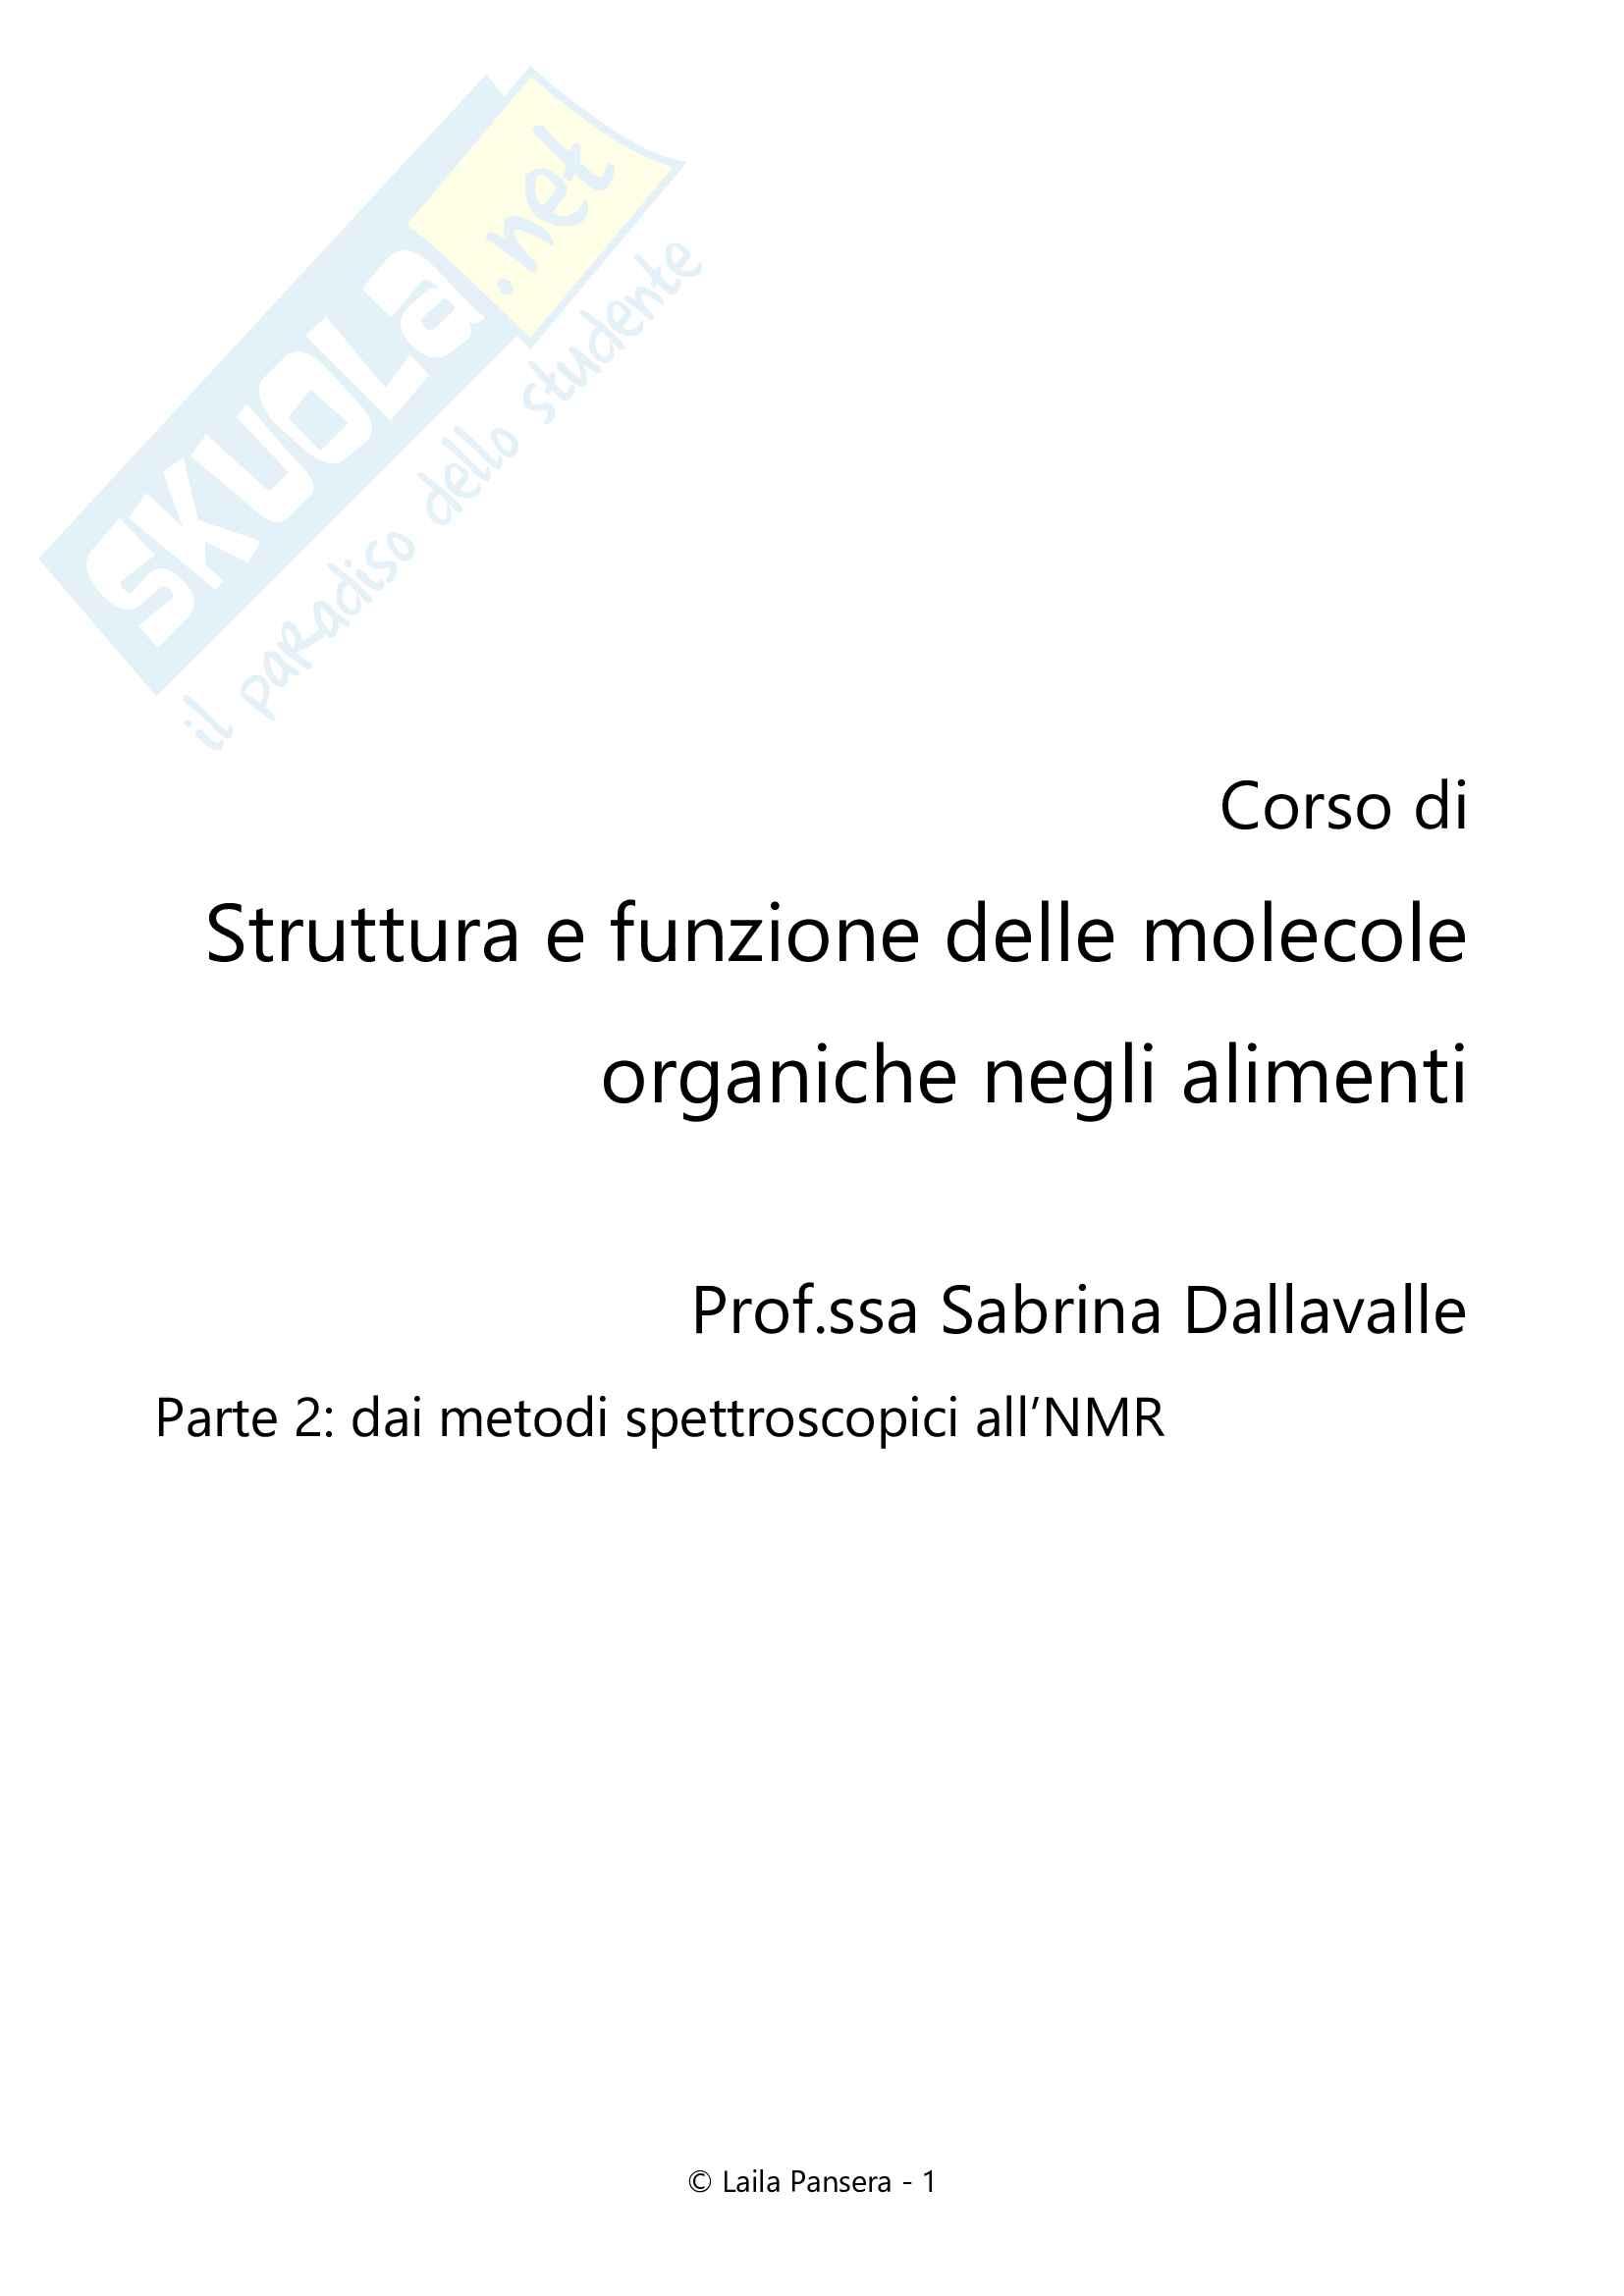 Struttura e funzione delle molecole organiche negli alimenti, parte 2: dai metodi spettroscopici all'NMR